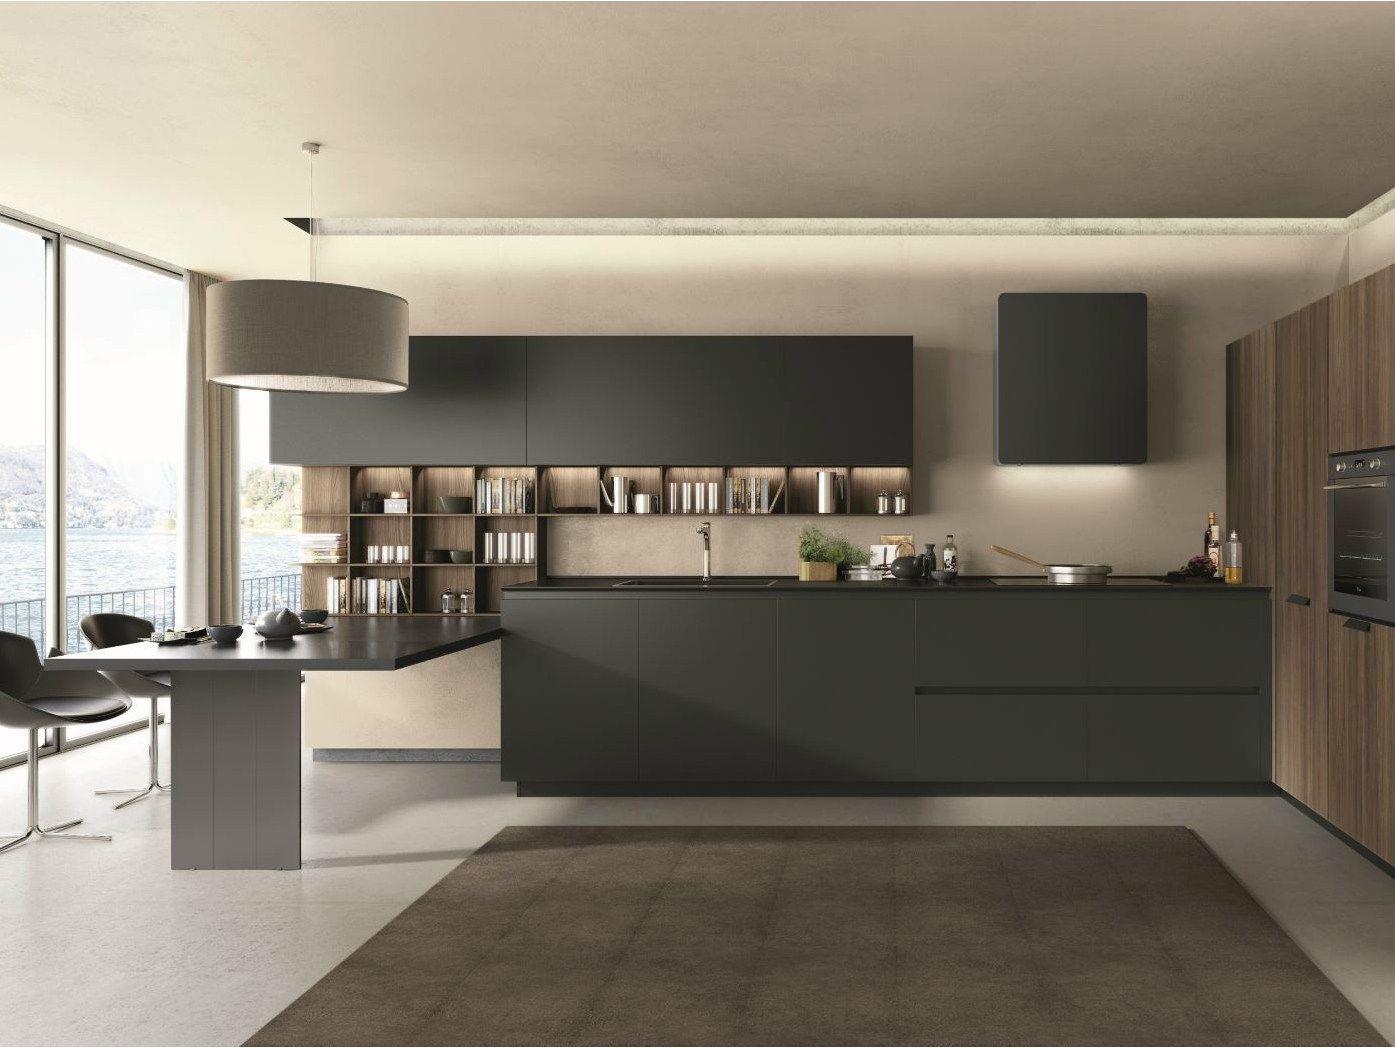 Idee controsoffitto salone - Lampadari per cucina soggiorno ...